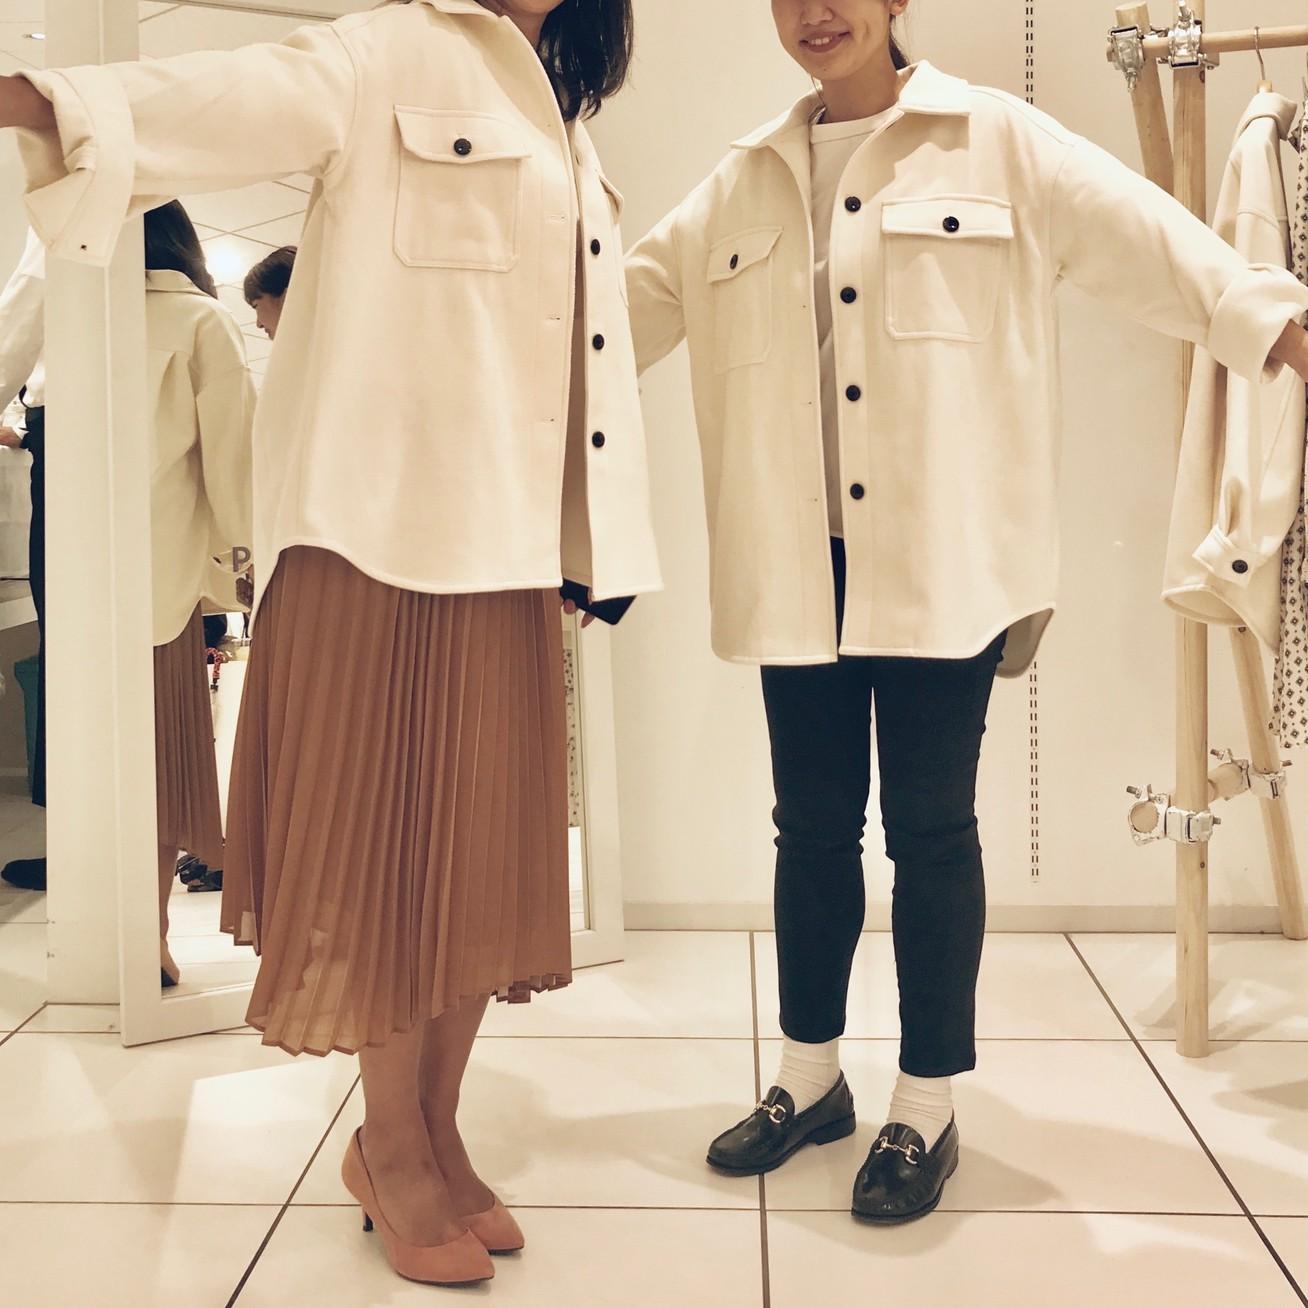 2019秋→冬は中間ライトアウターを買え【GU(ジーユー)】のCPOジャケットで30代女子があか抜けるコーデのコツ_4